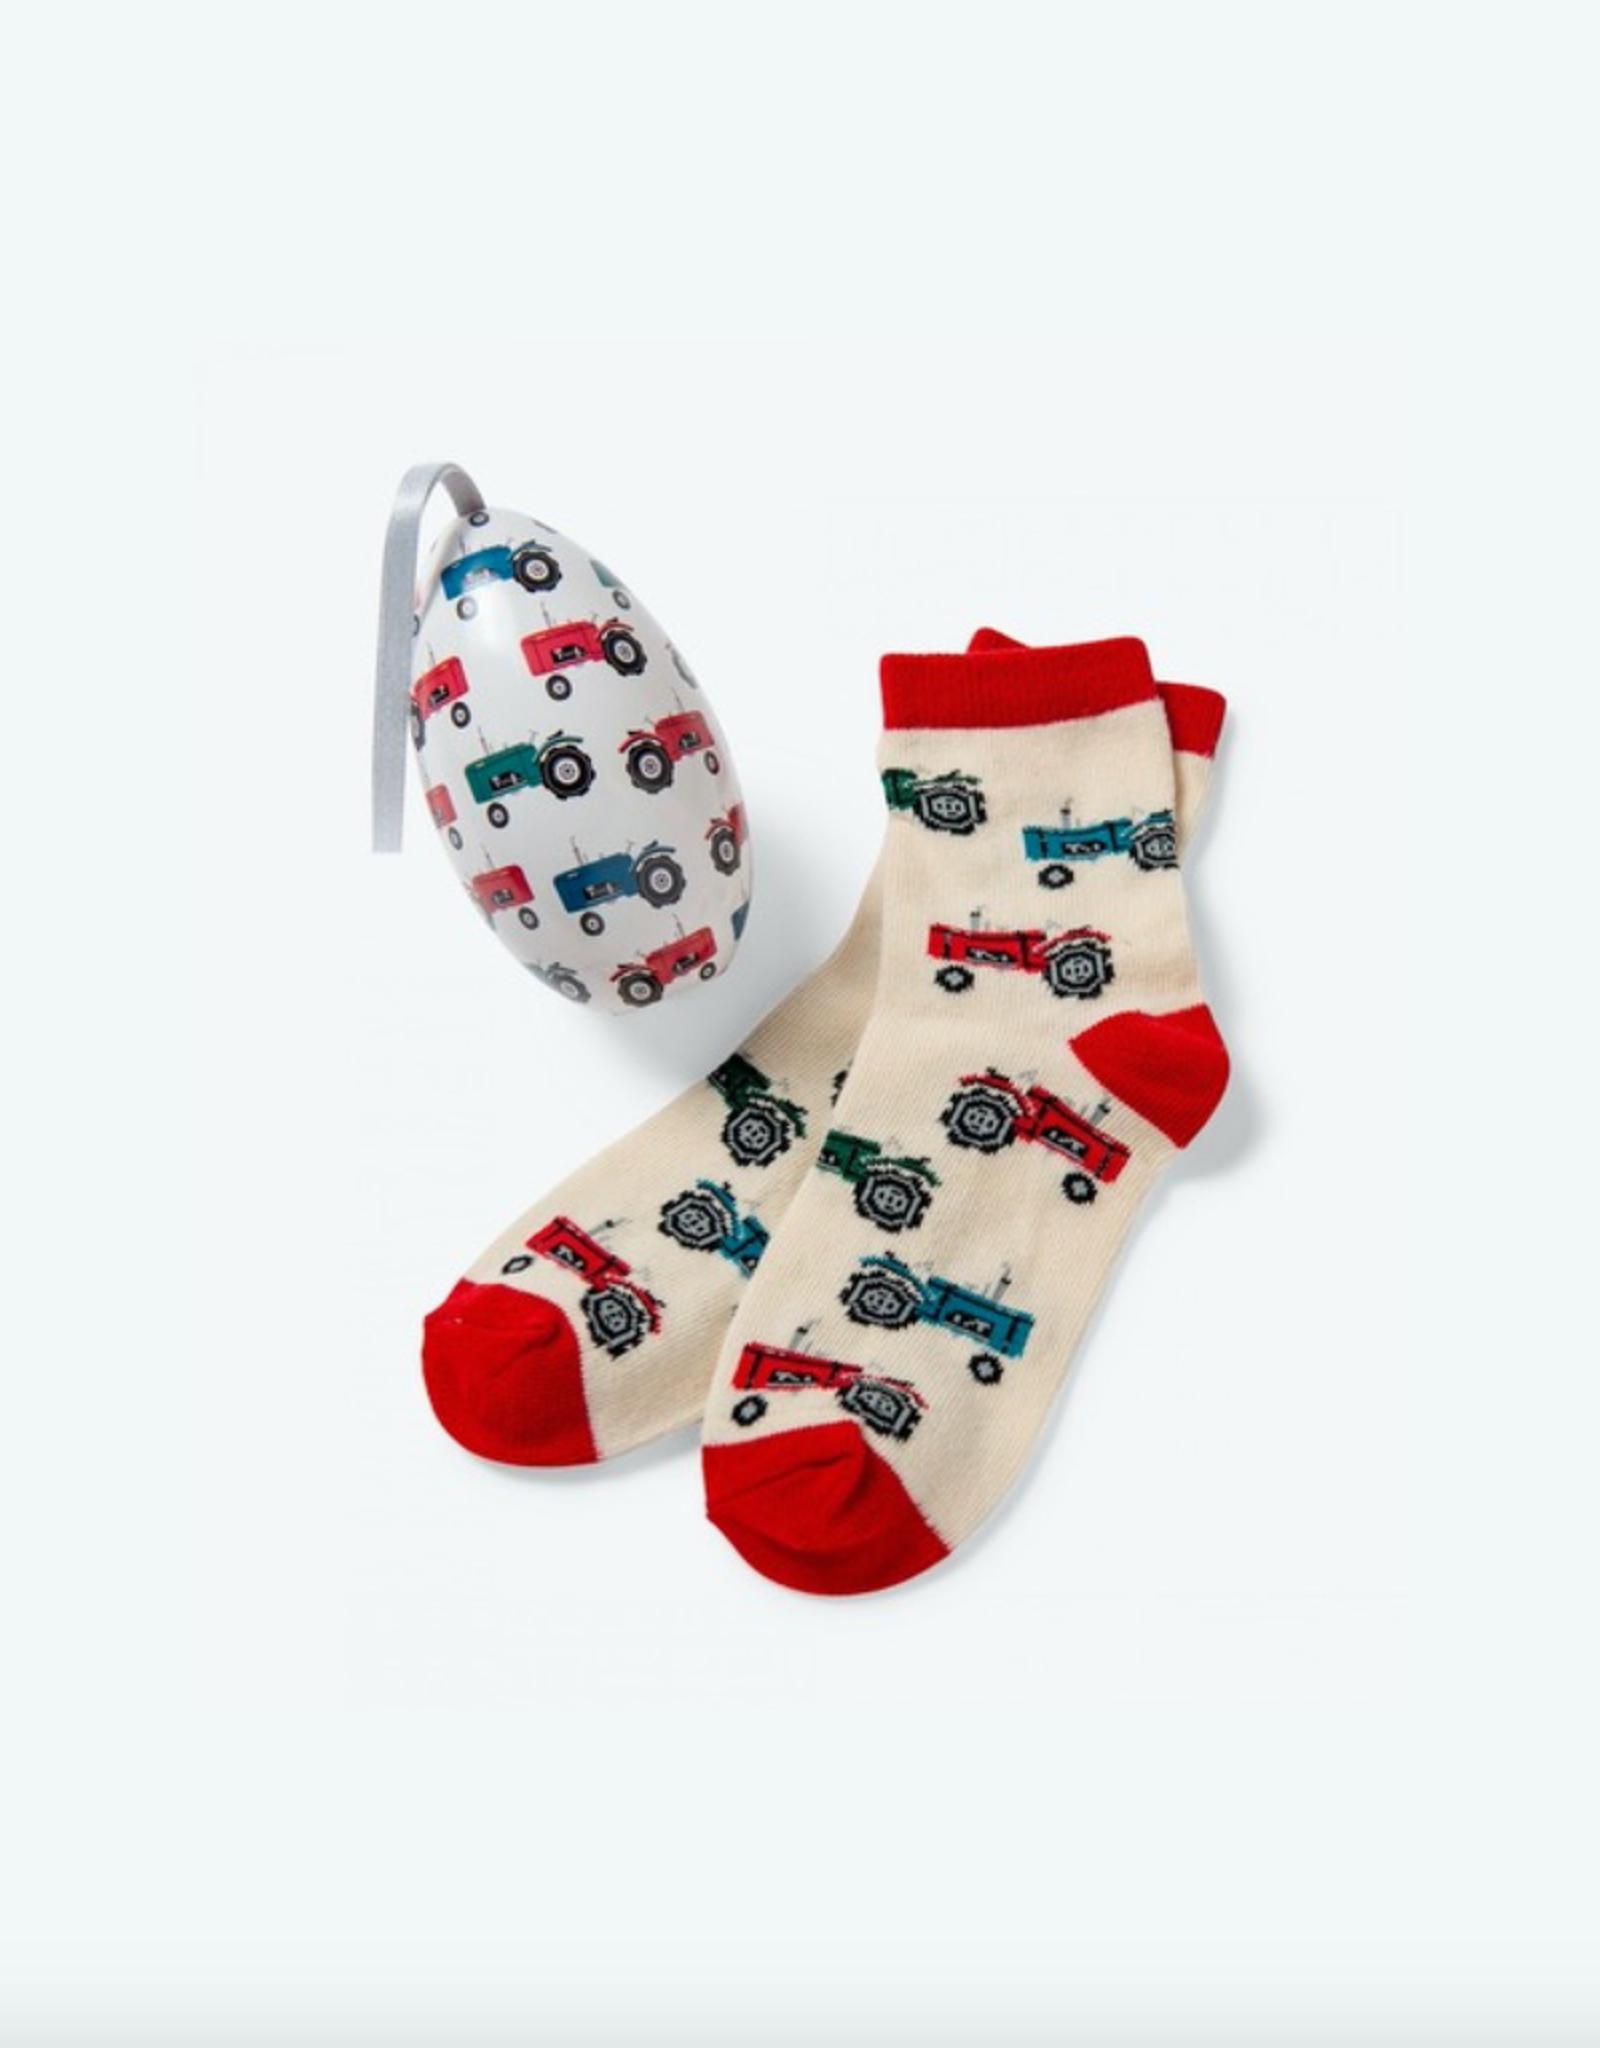 Hatley Kids Socks in Eggs